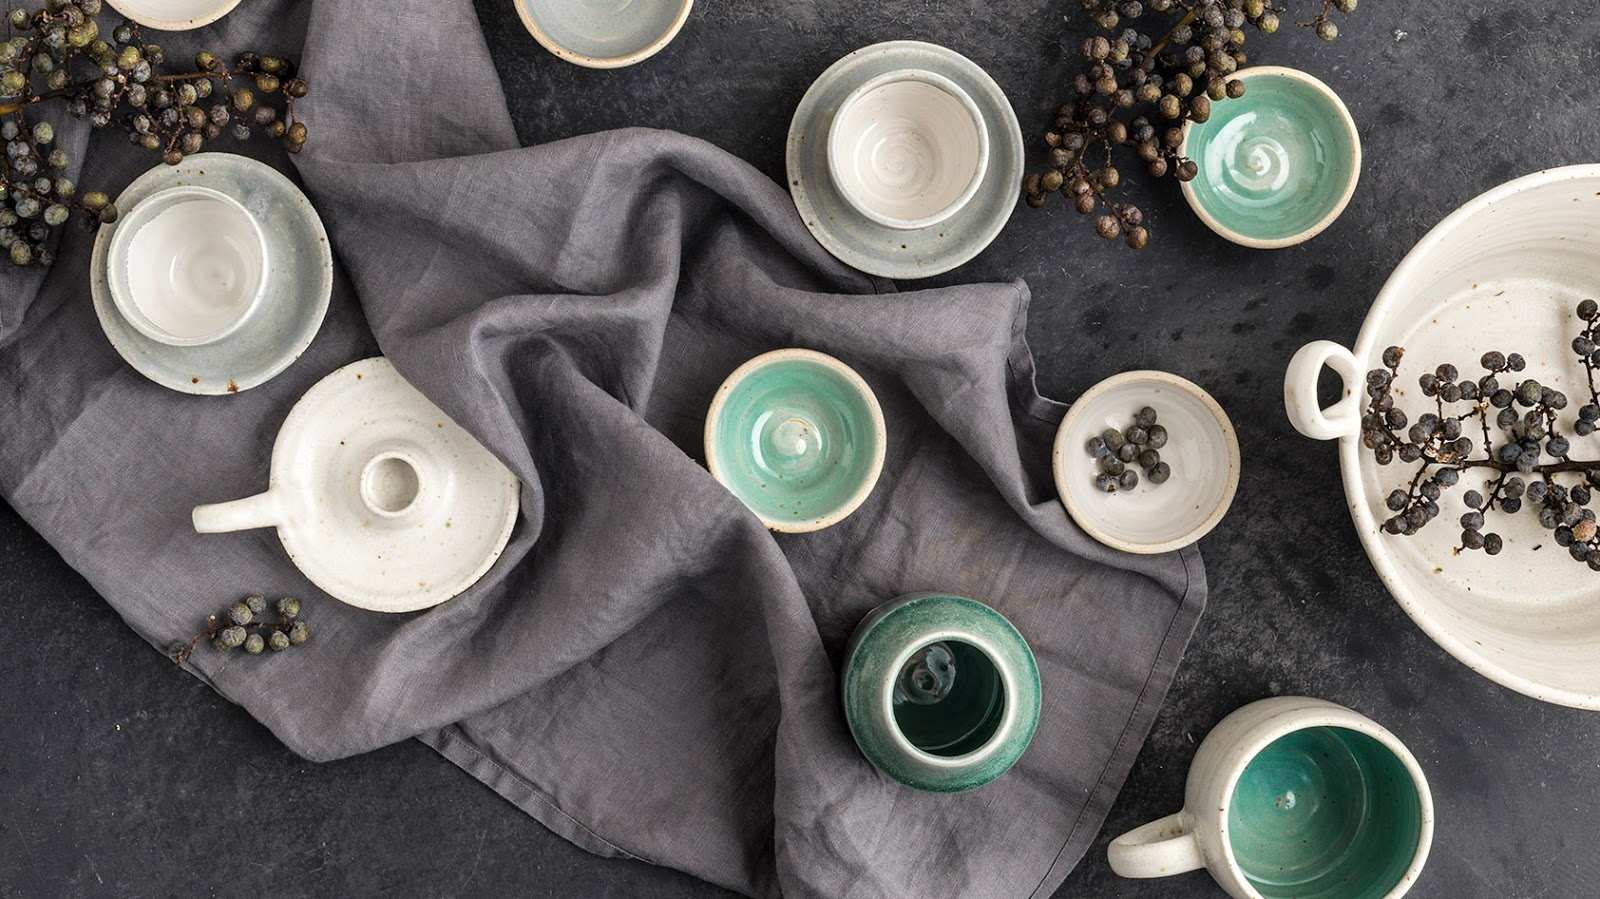 Tableware ceramics by Liz Vidal